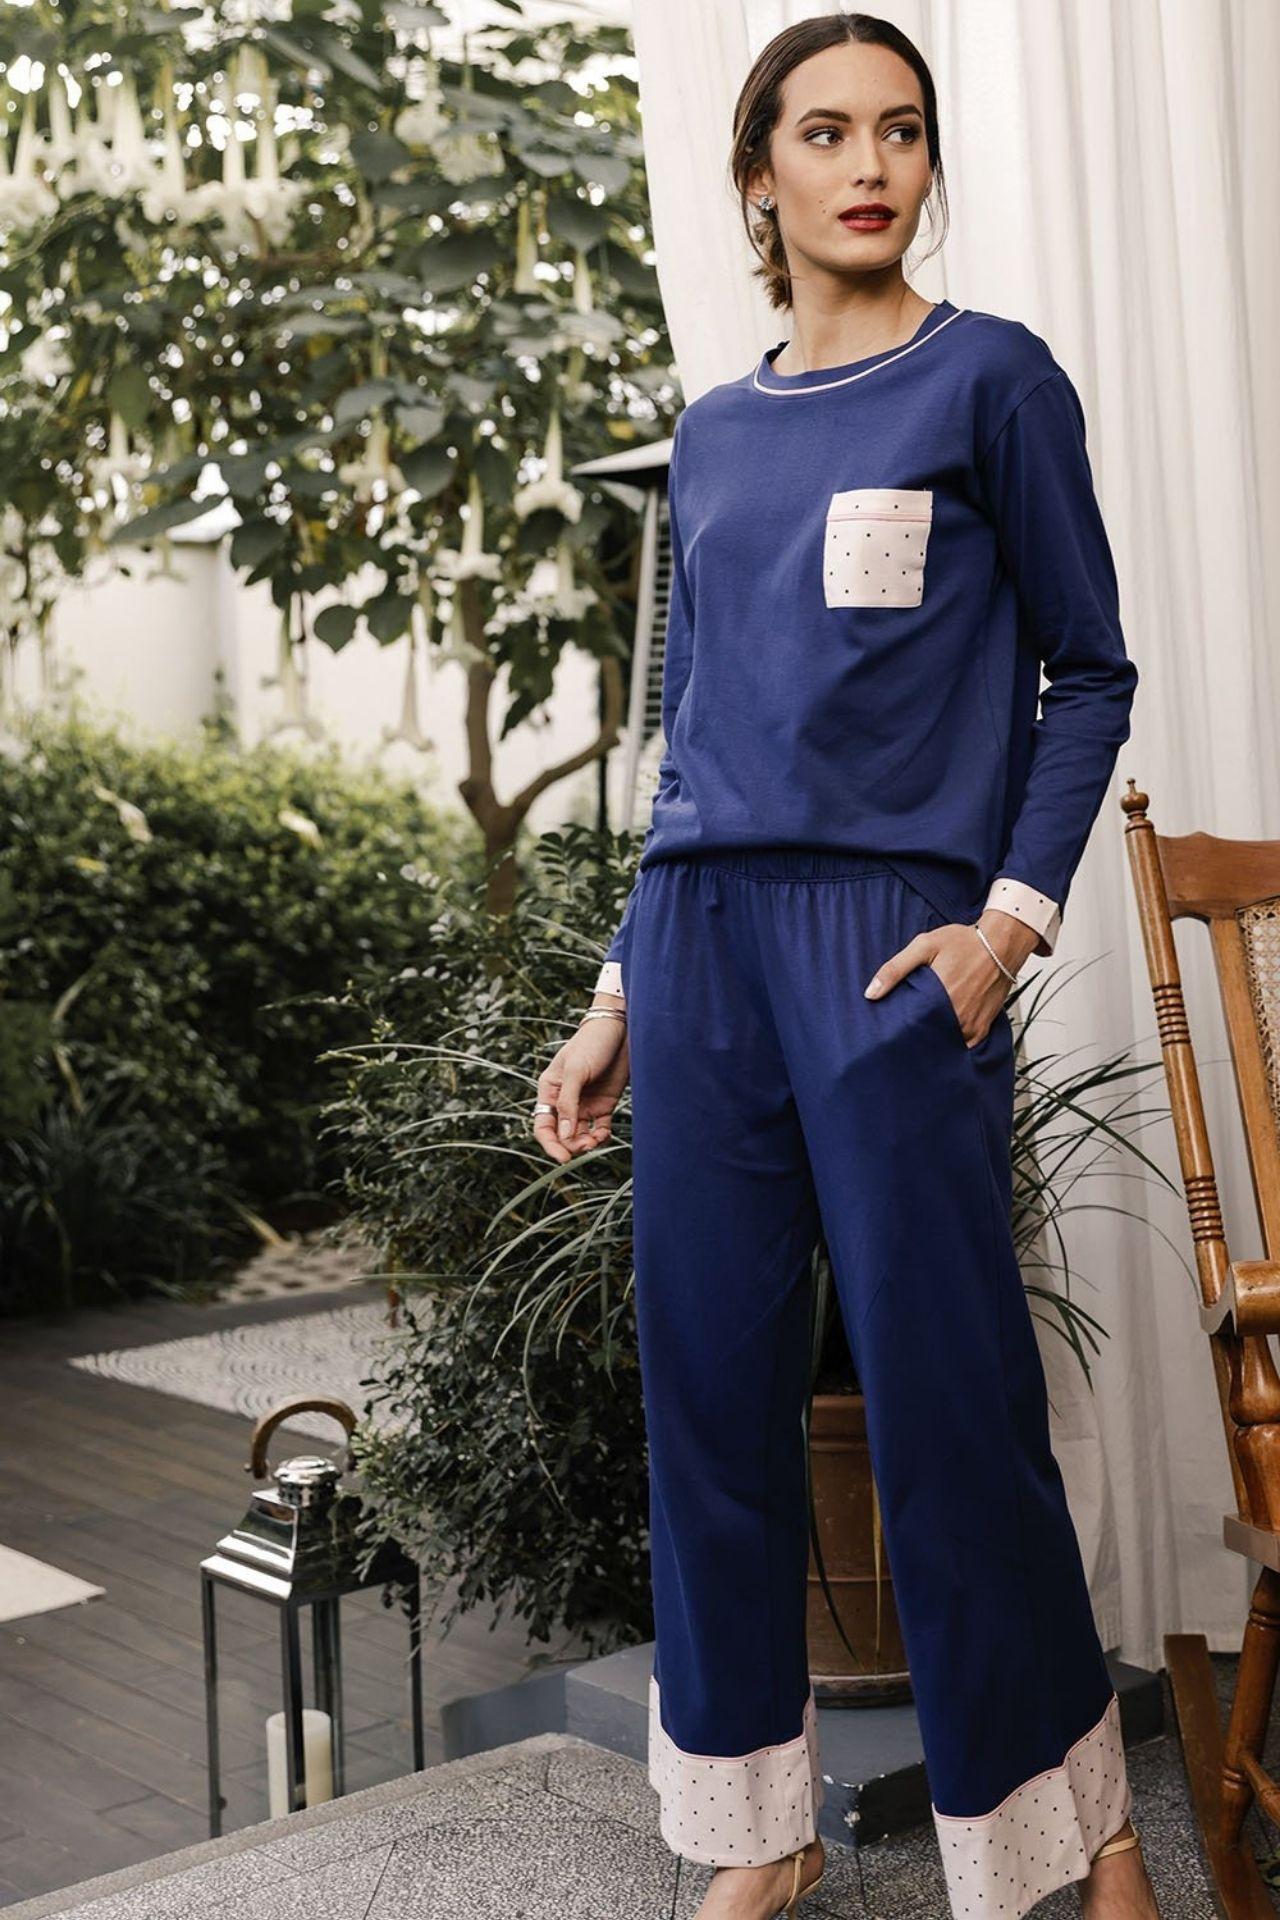 Único y especial. Nuestro pijama Cloe te envolverá con la suavidad del algodón pima en color Azul que se combinan con piezas en estampado contraste con diseño dots.